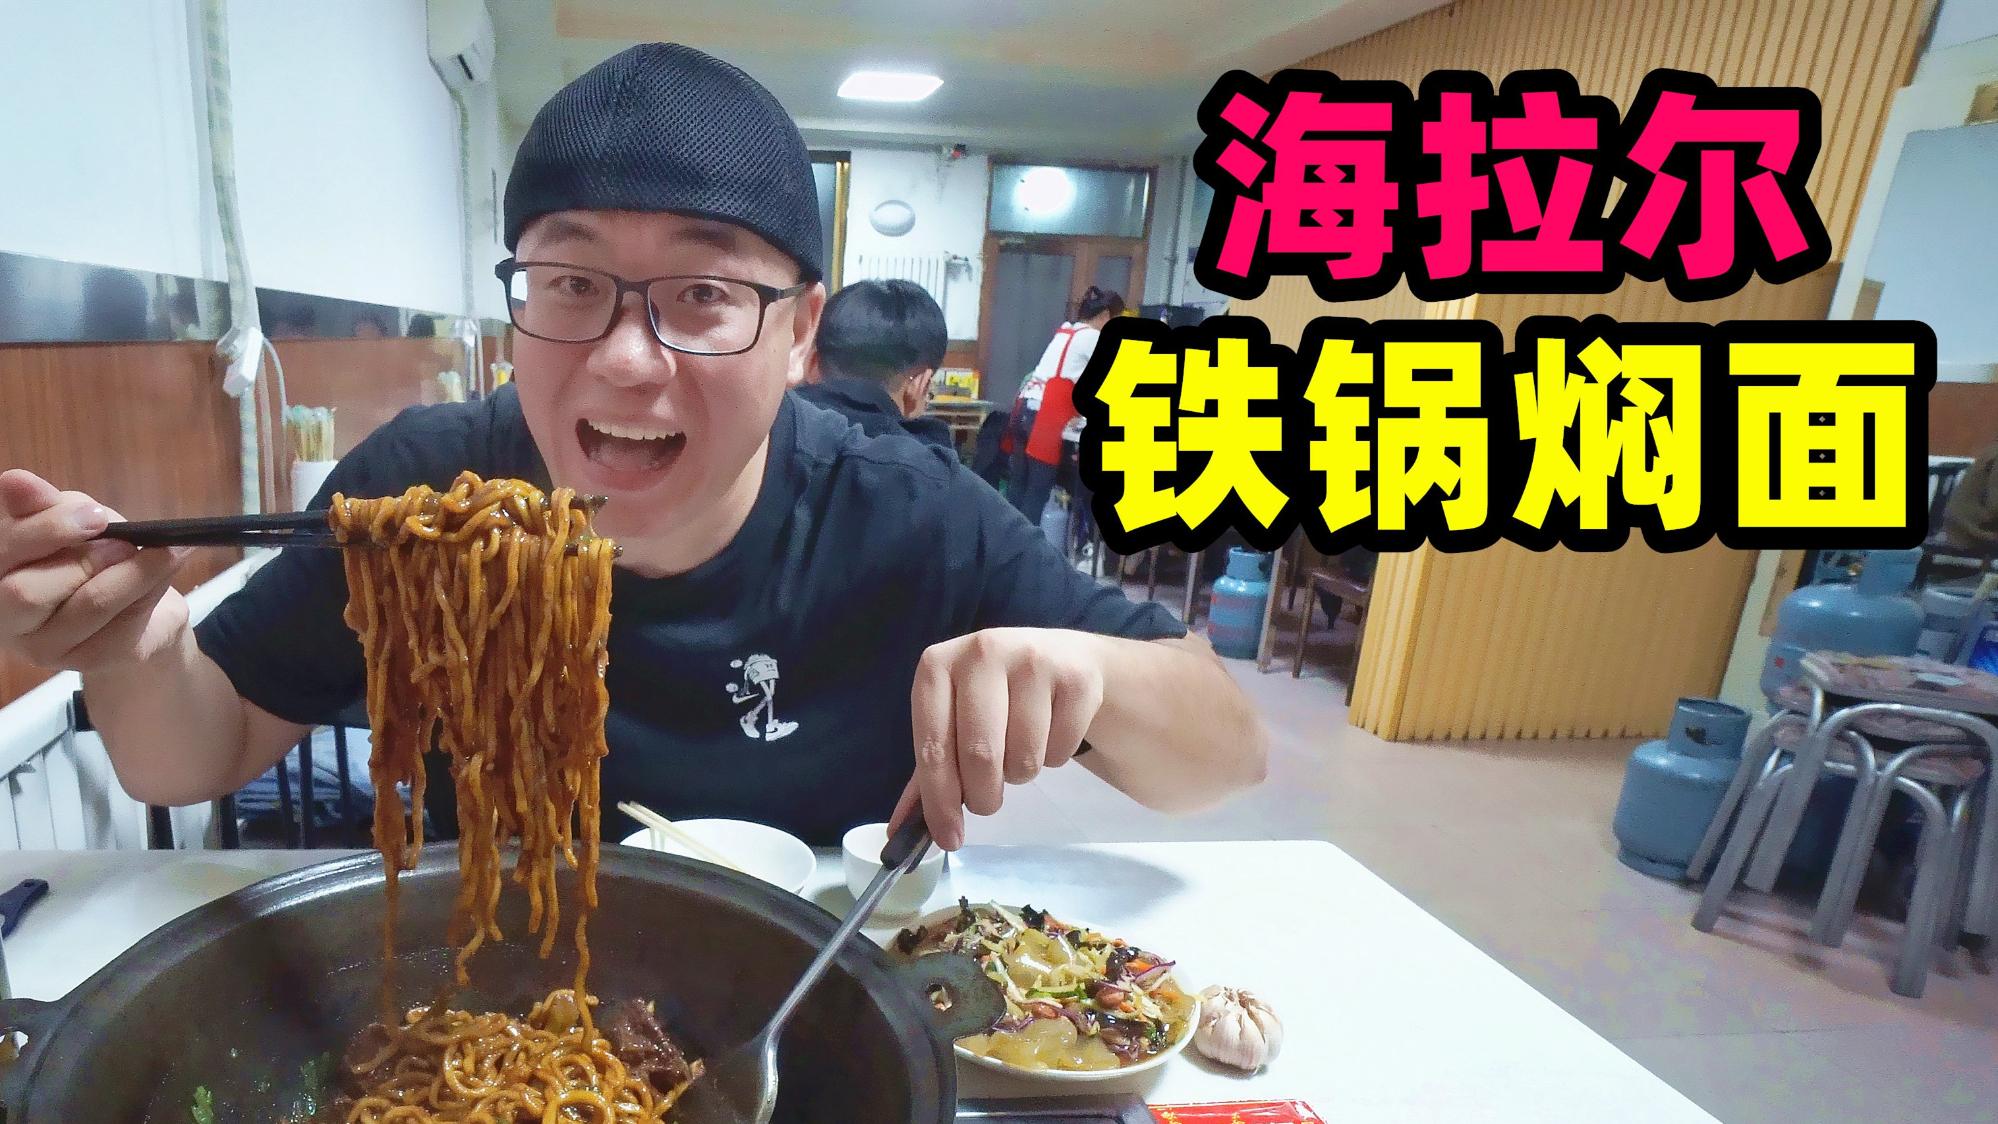 内蒙古铁锅焖面,排骨土豆面条,大铁锅现做,阿星吃东北大拉皮